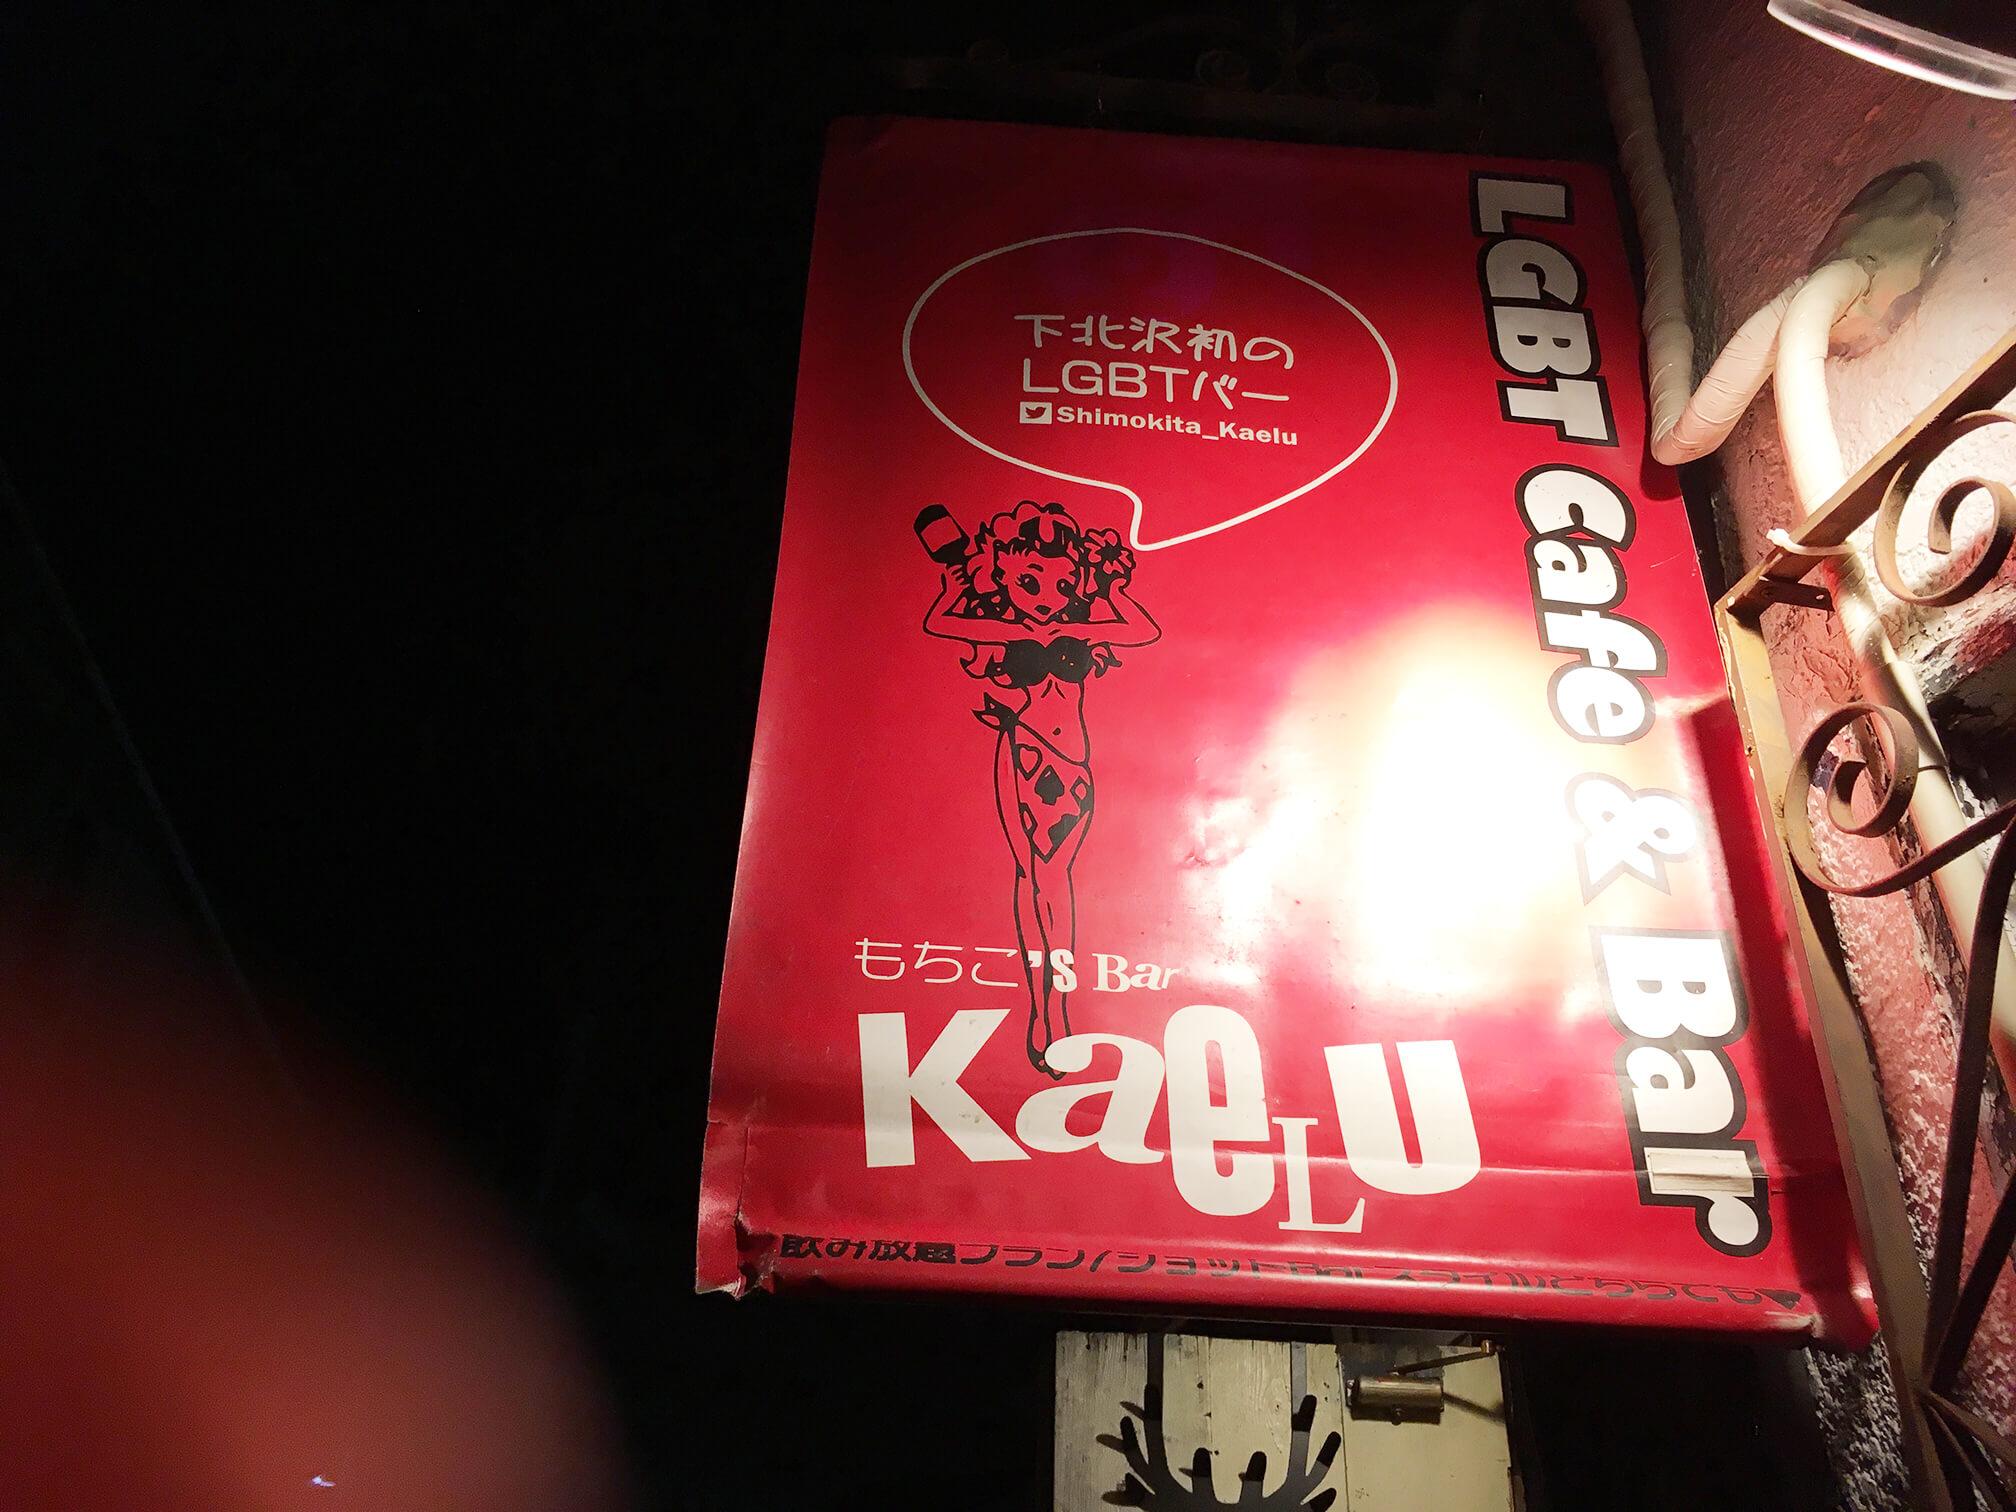 下北沢のLGBTカフェ&バーに行ってみた【もちこ's Bar】